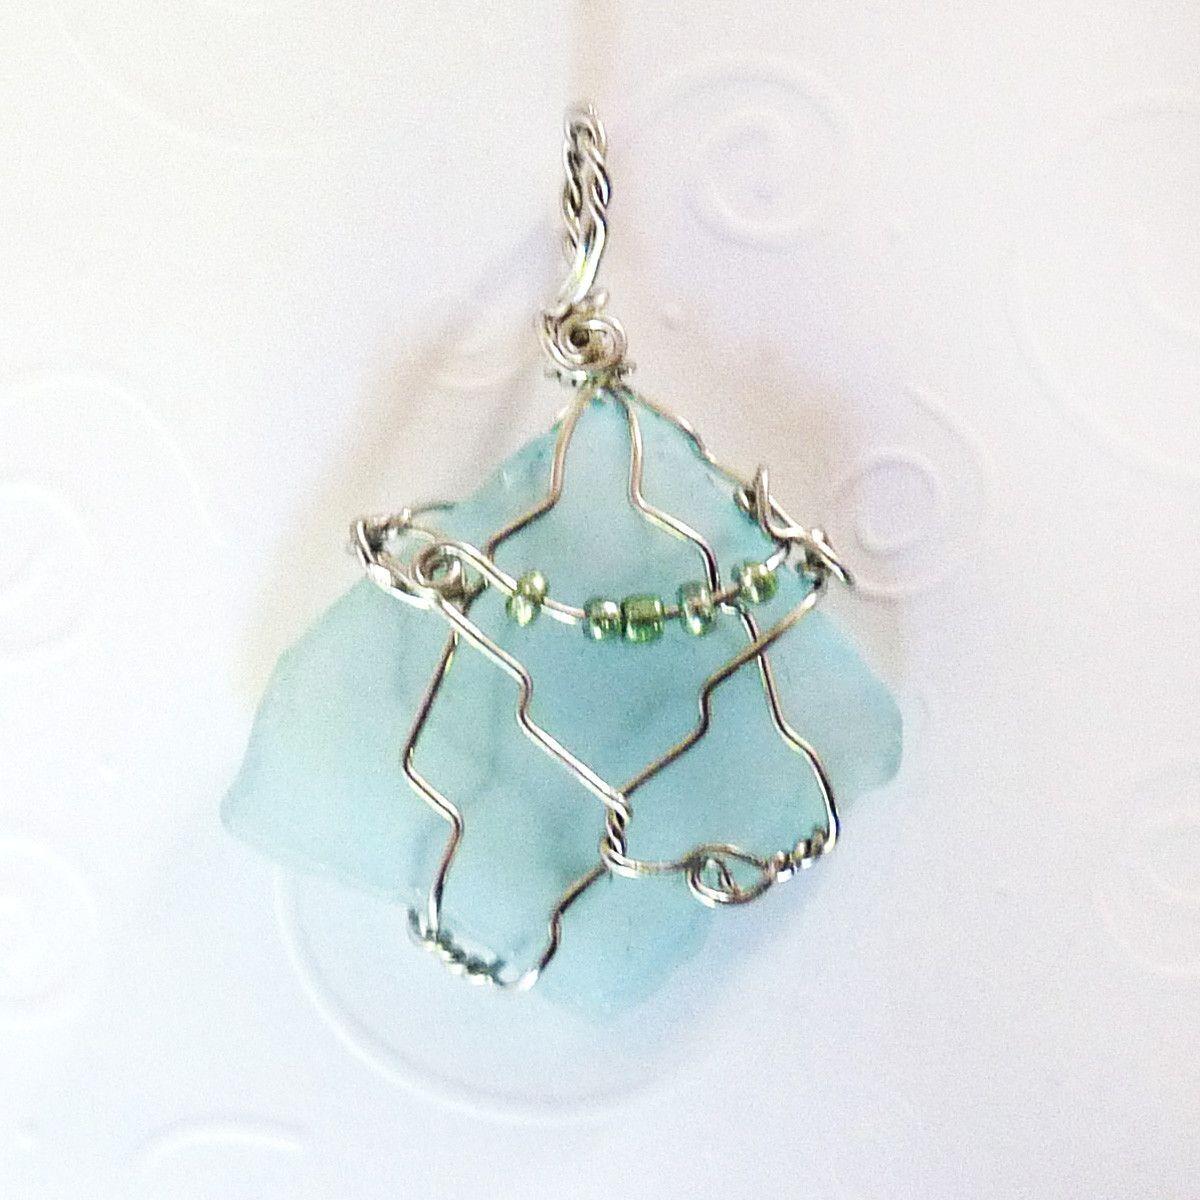 Cultured Sea Glass Pendant - Aqua & Silver Diamond, Wire Wrapped ...